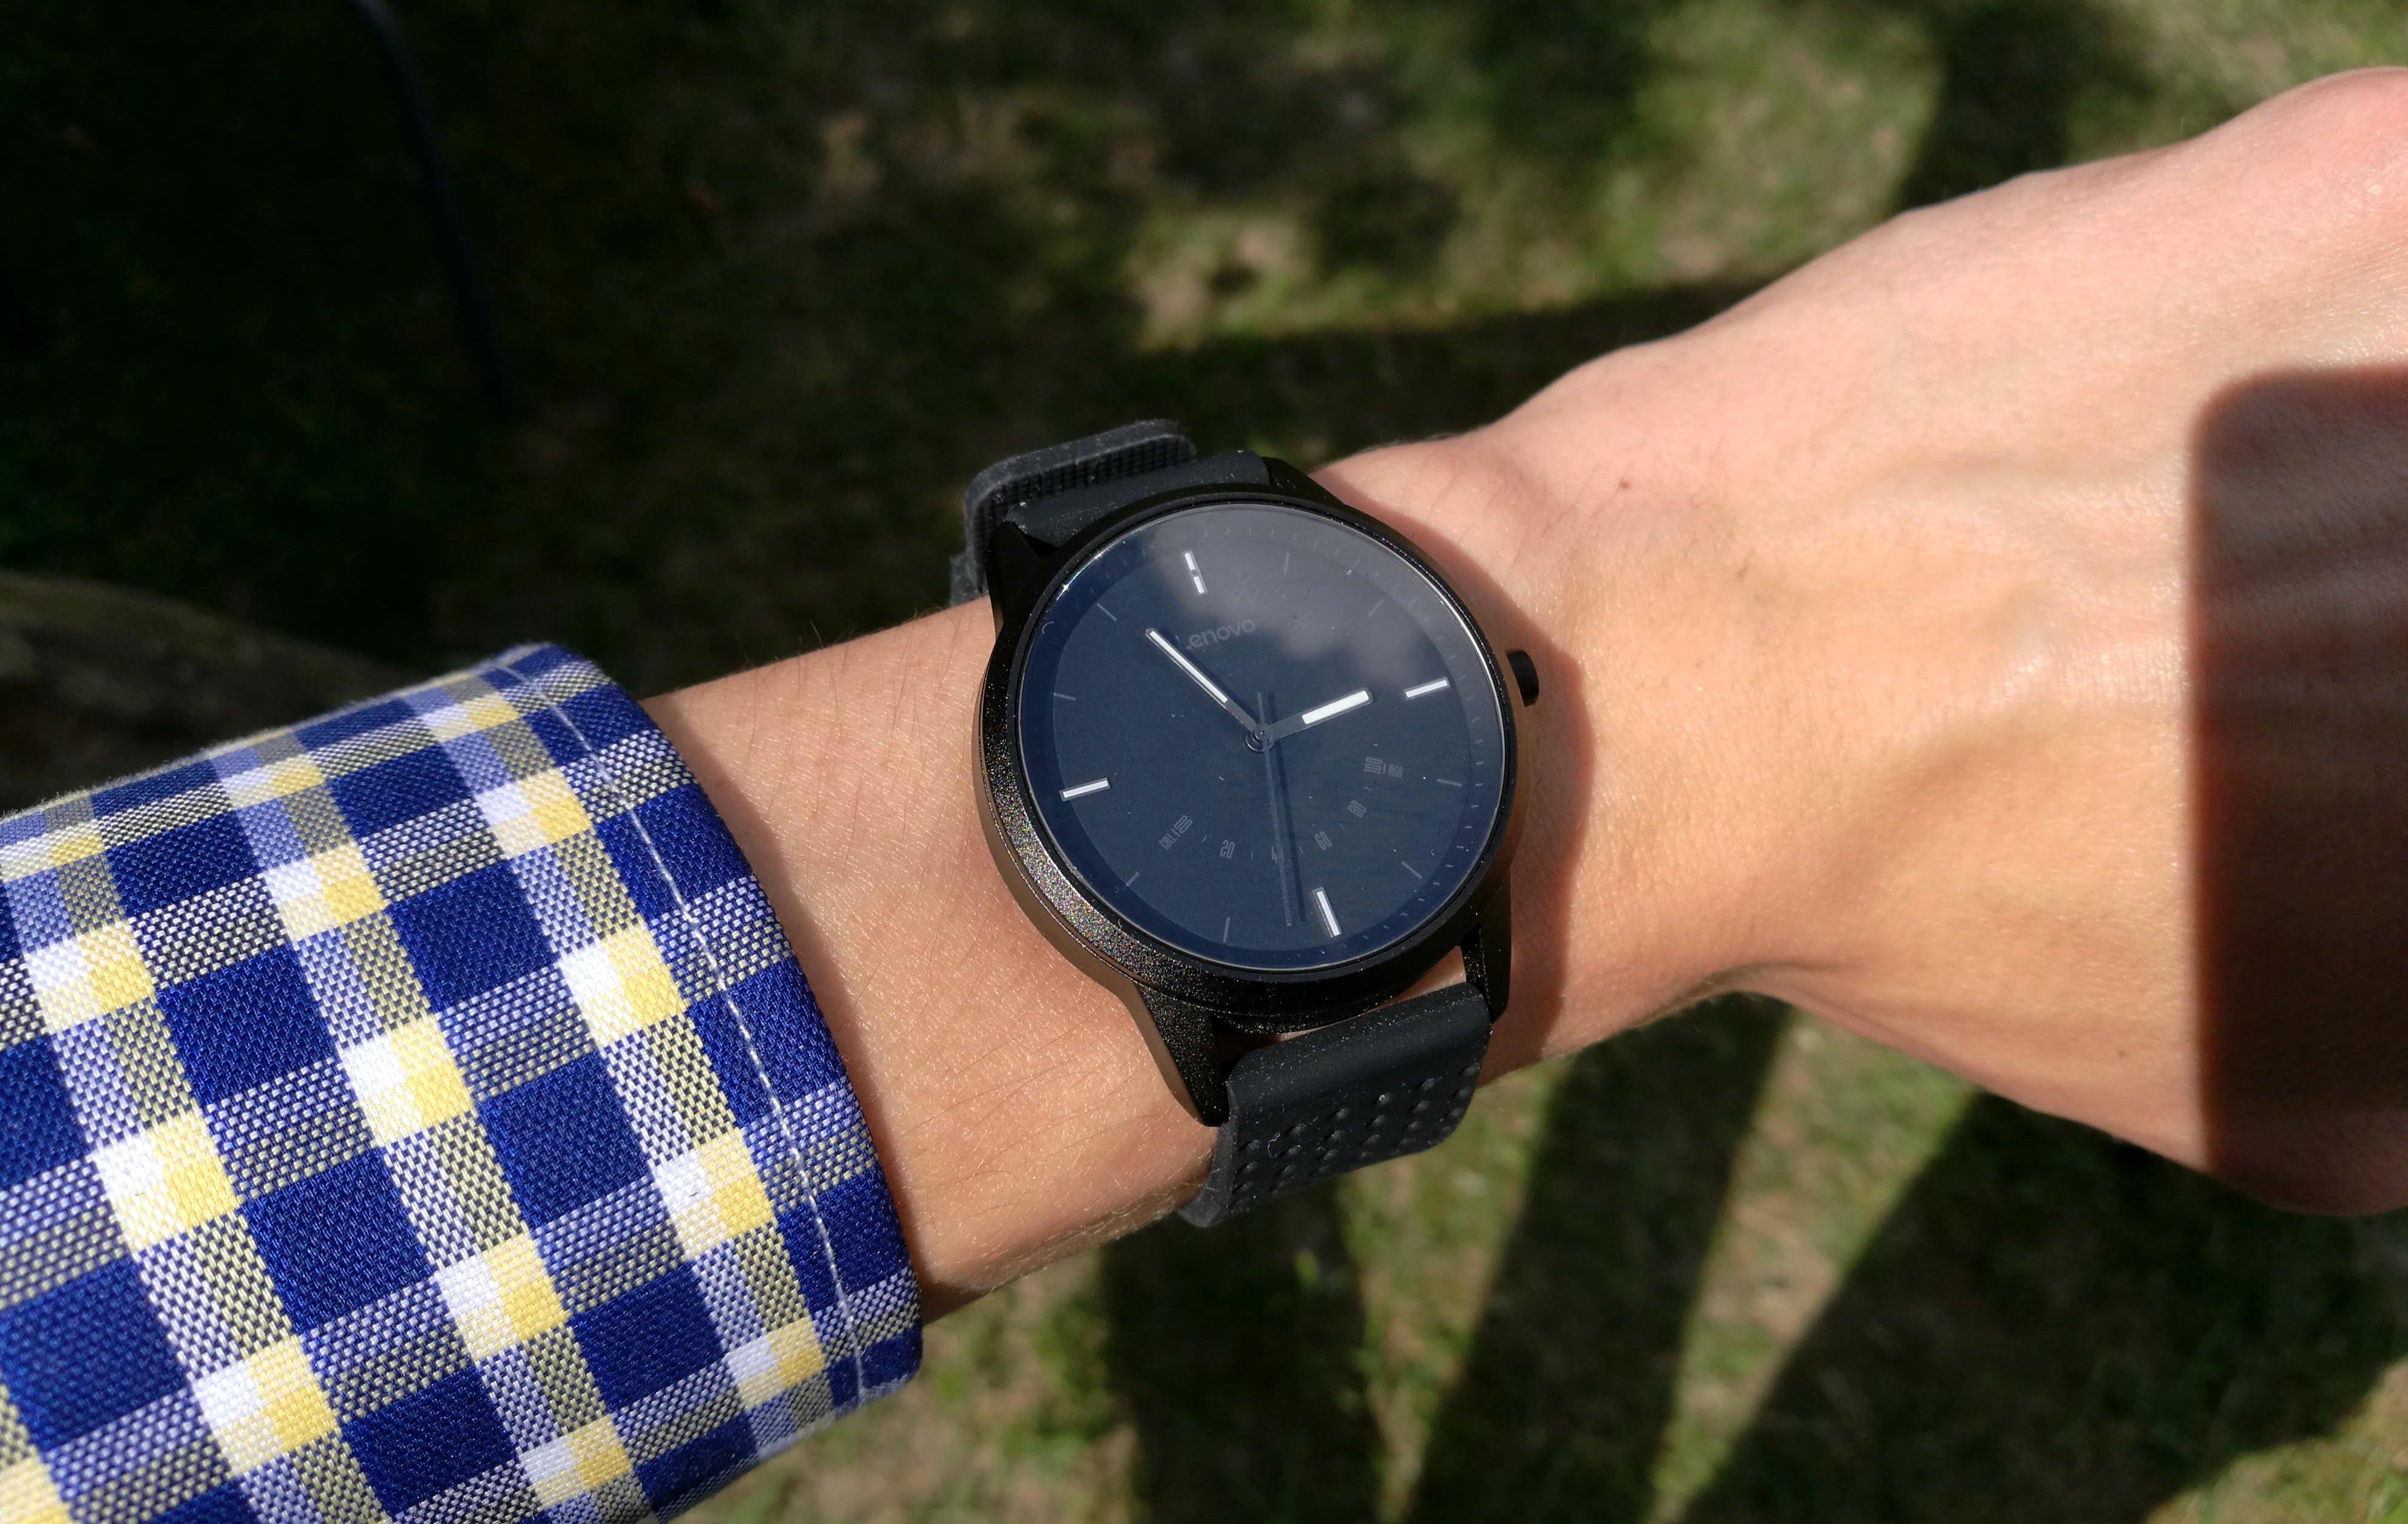 Recenzja hybrydowego zegarka Lenovo Watch 9. Czy warto wydać na niego ok. 80 złotych? 14